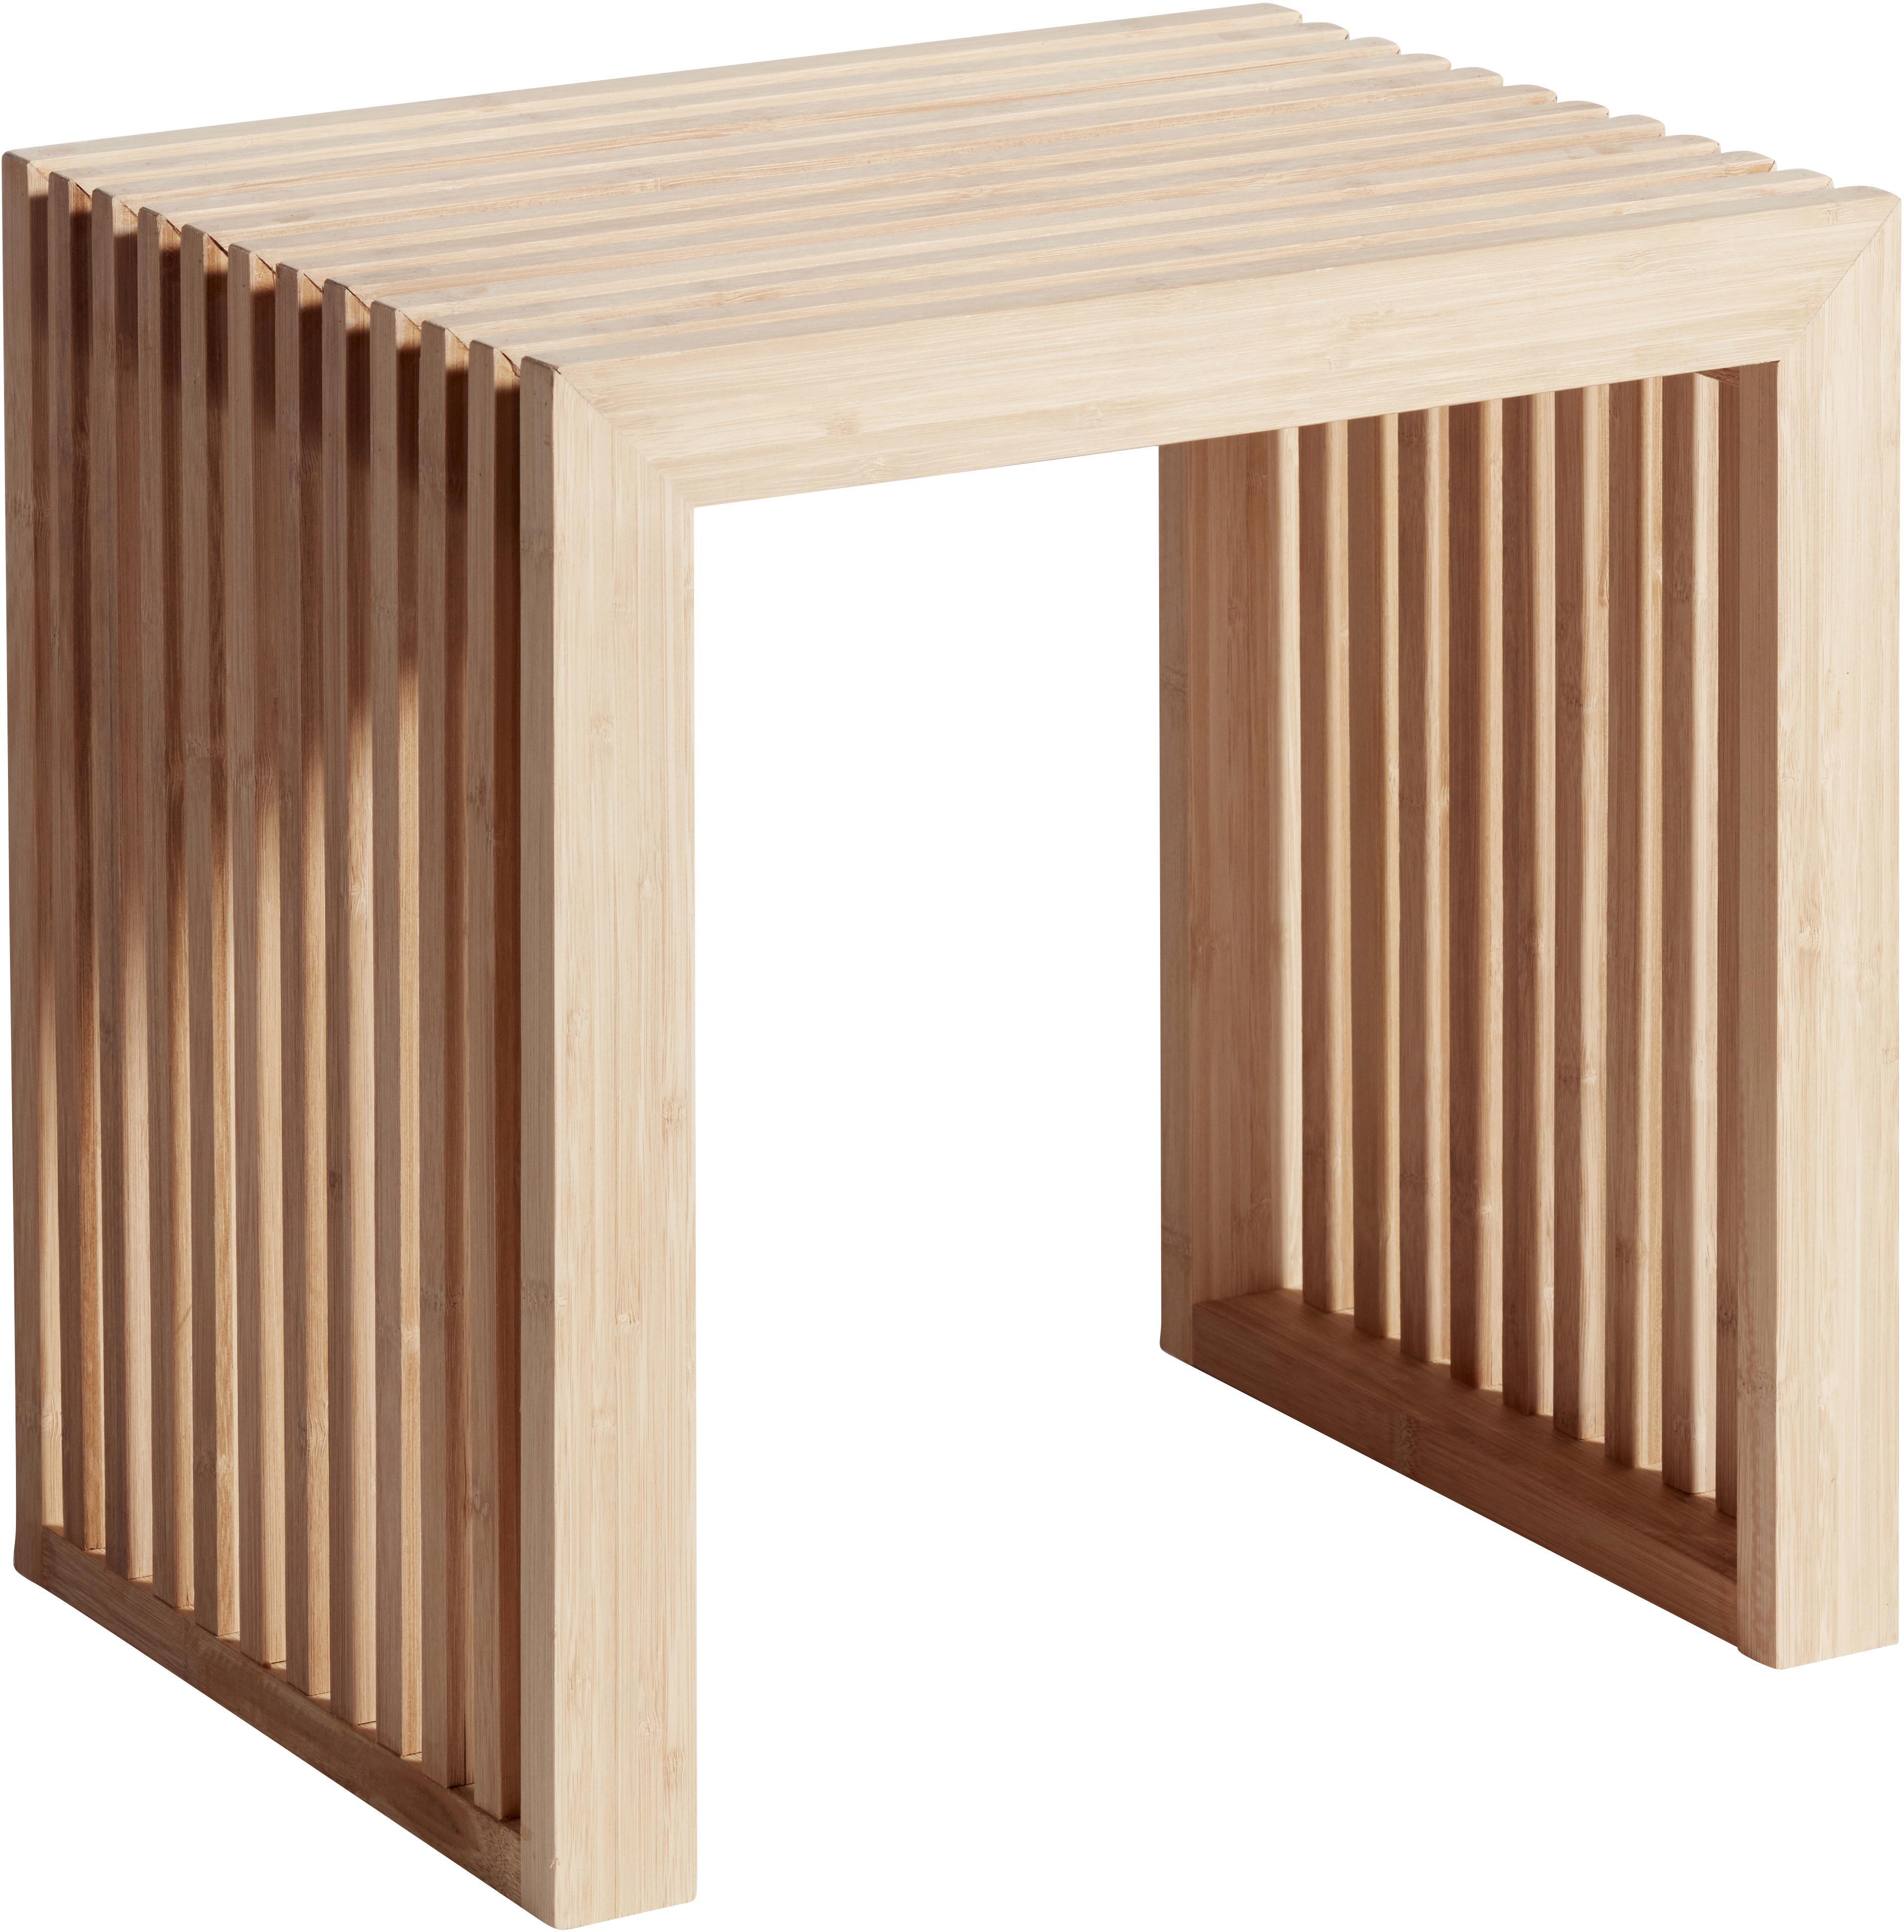 Taburete de bambú Rib, Bambú, limado y aceitado, Marrón, An 45 x Al 43 cm